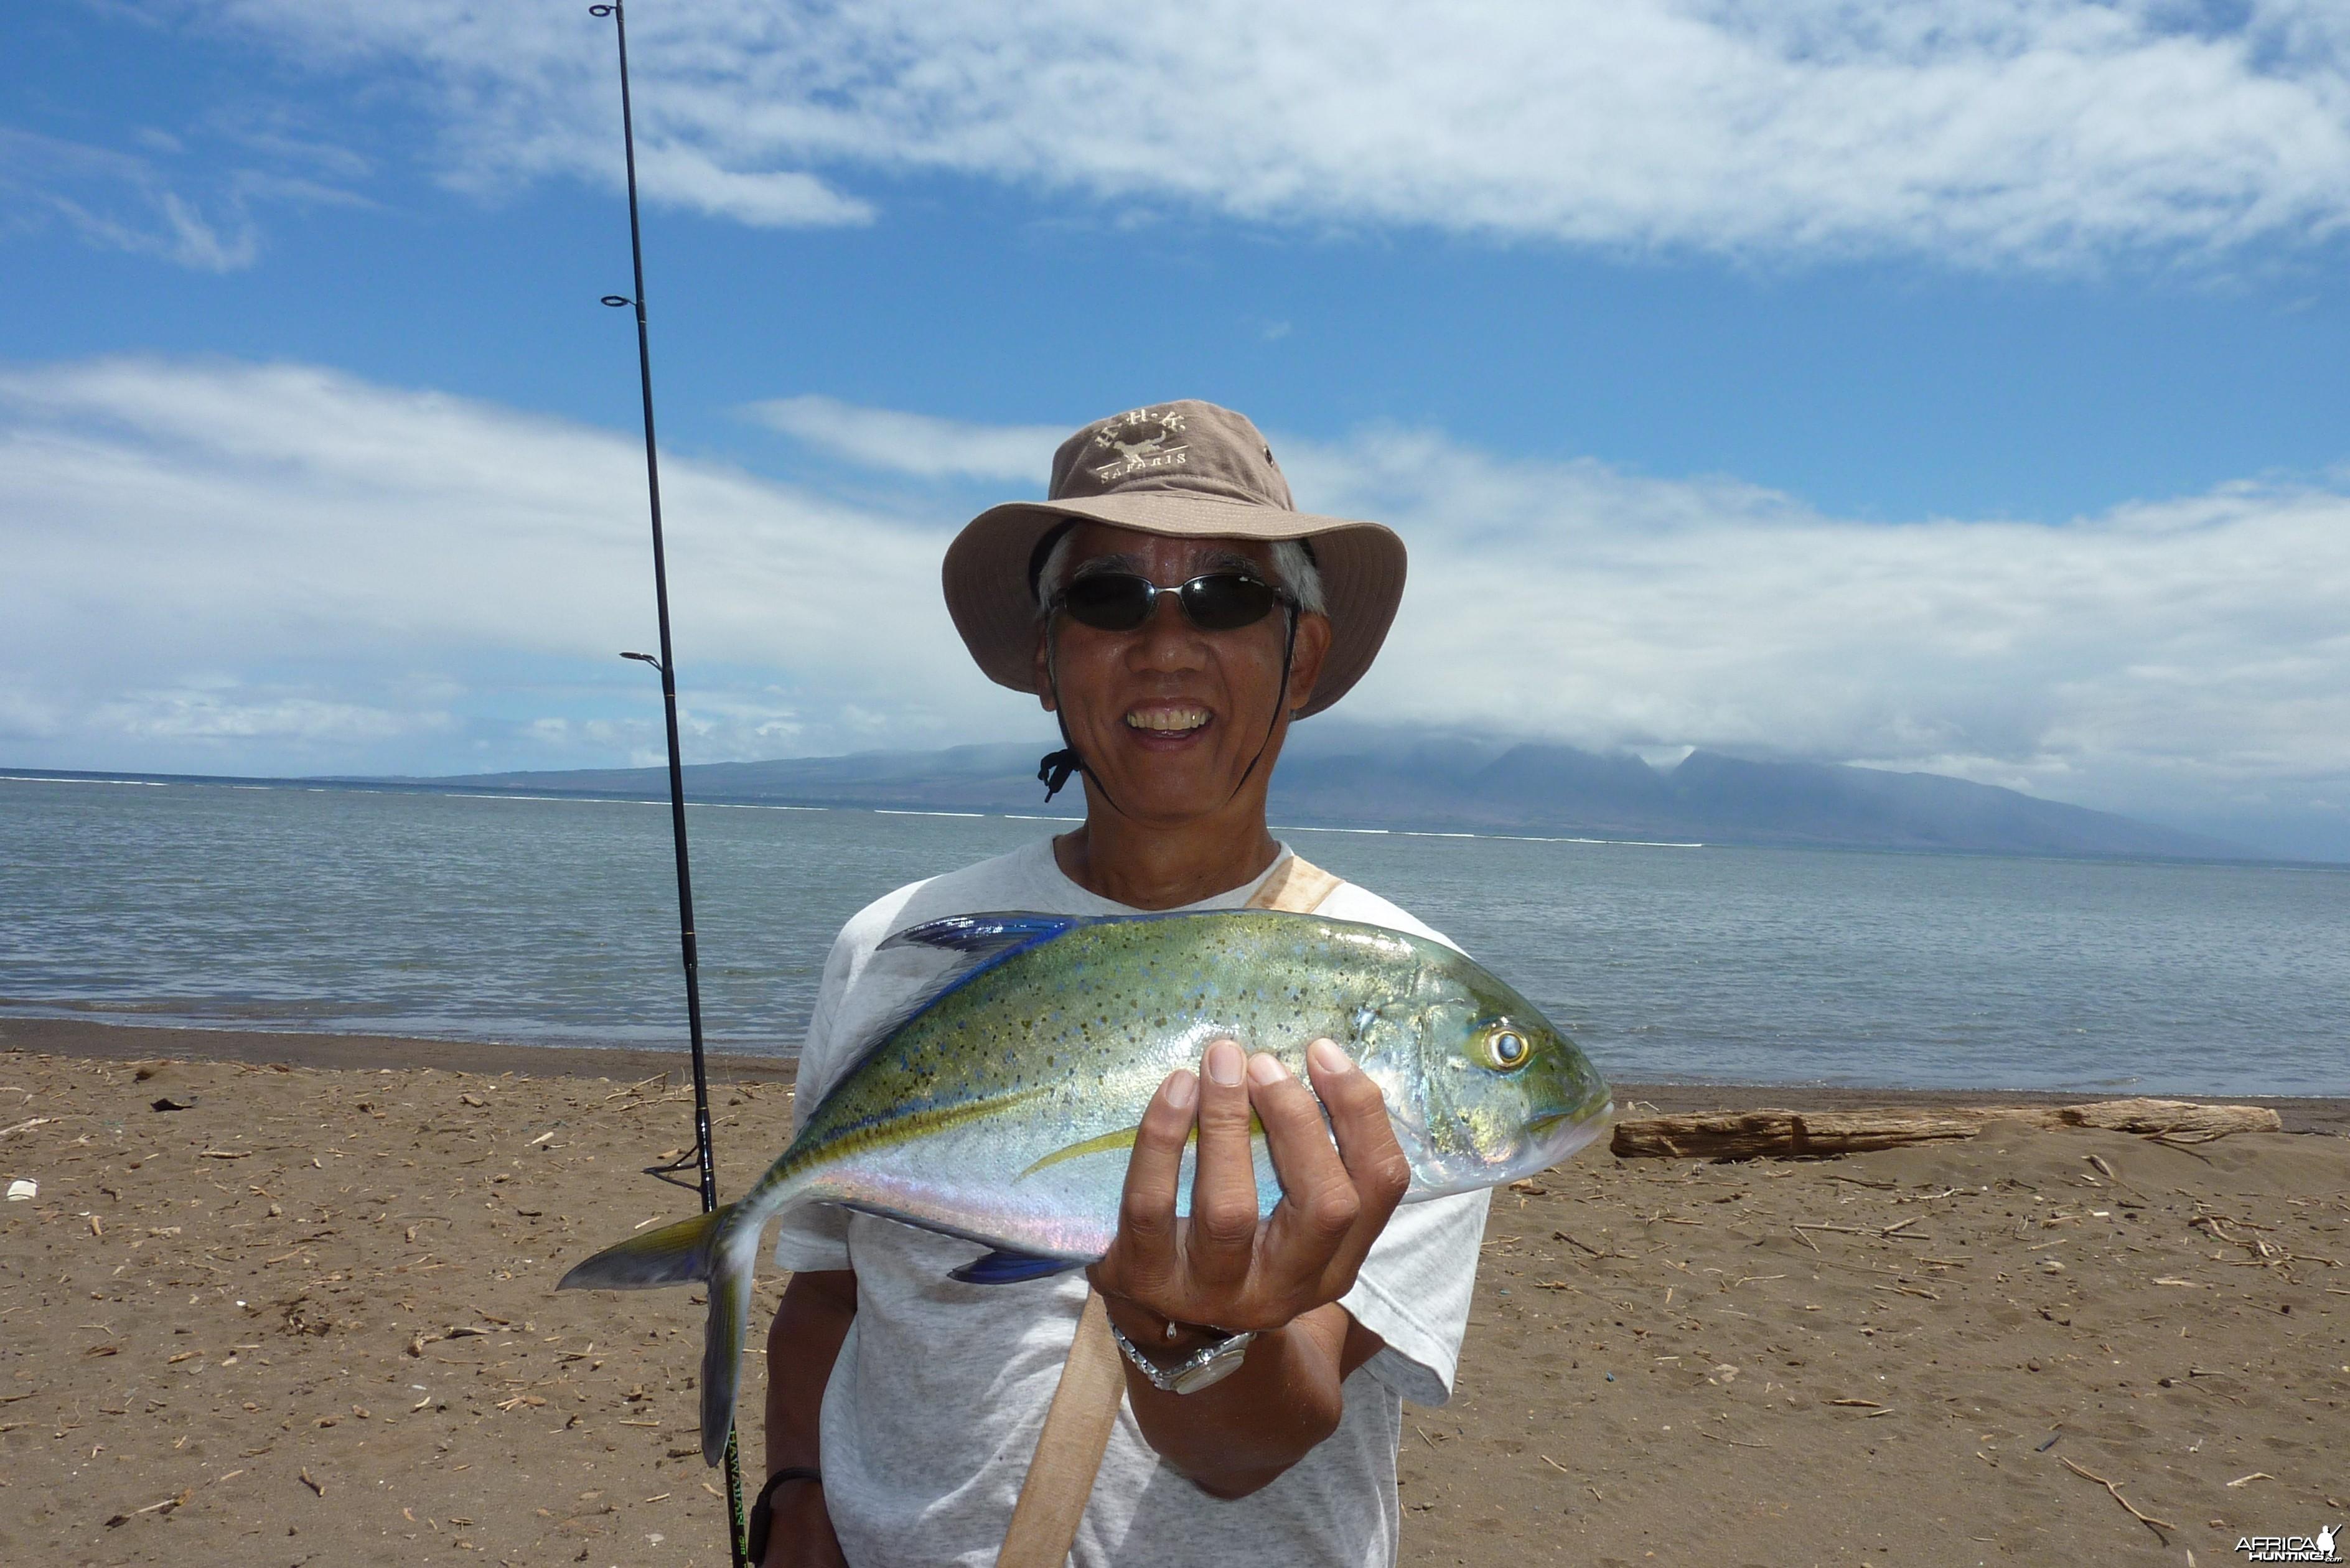 Shoreline fishing in Hawaii